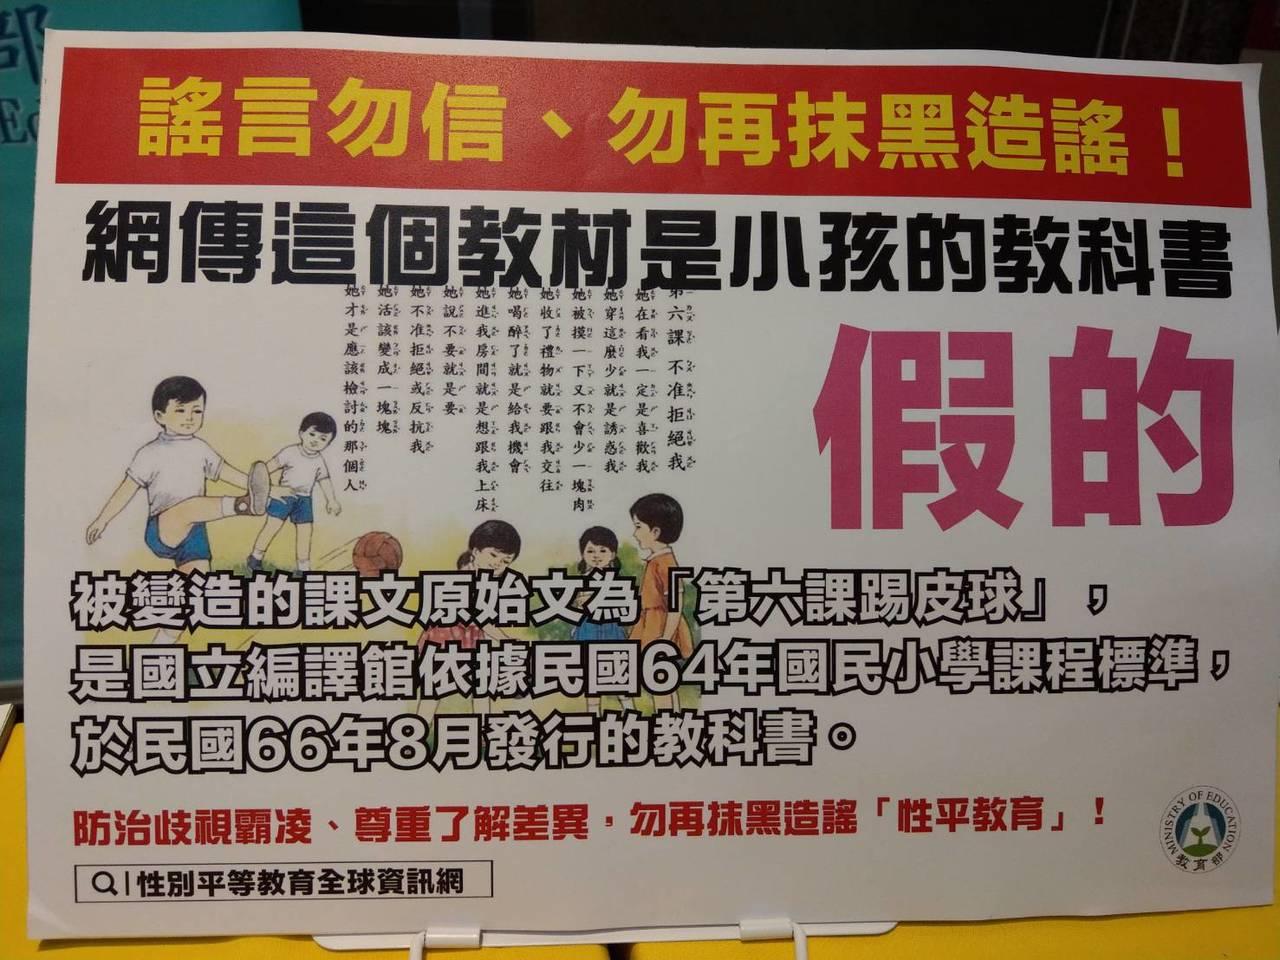 教育部澄清,有人變造「踢皮球」的課文,「嫁禍」教科書。記者張錦弘/攝影